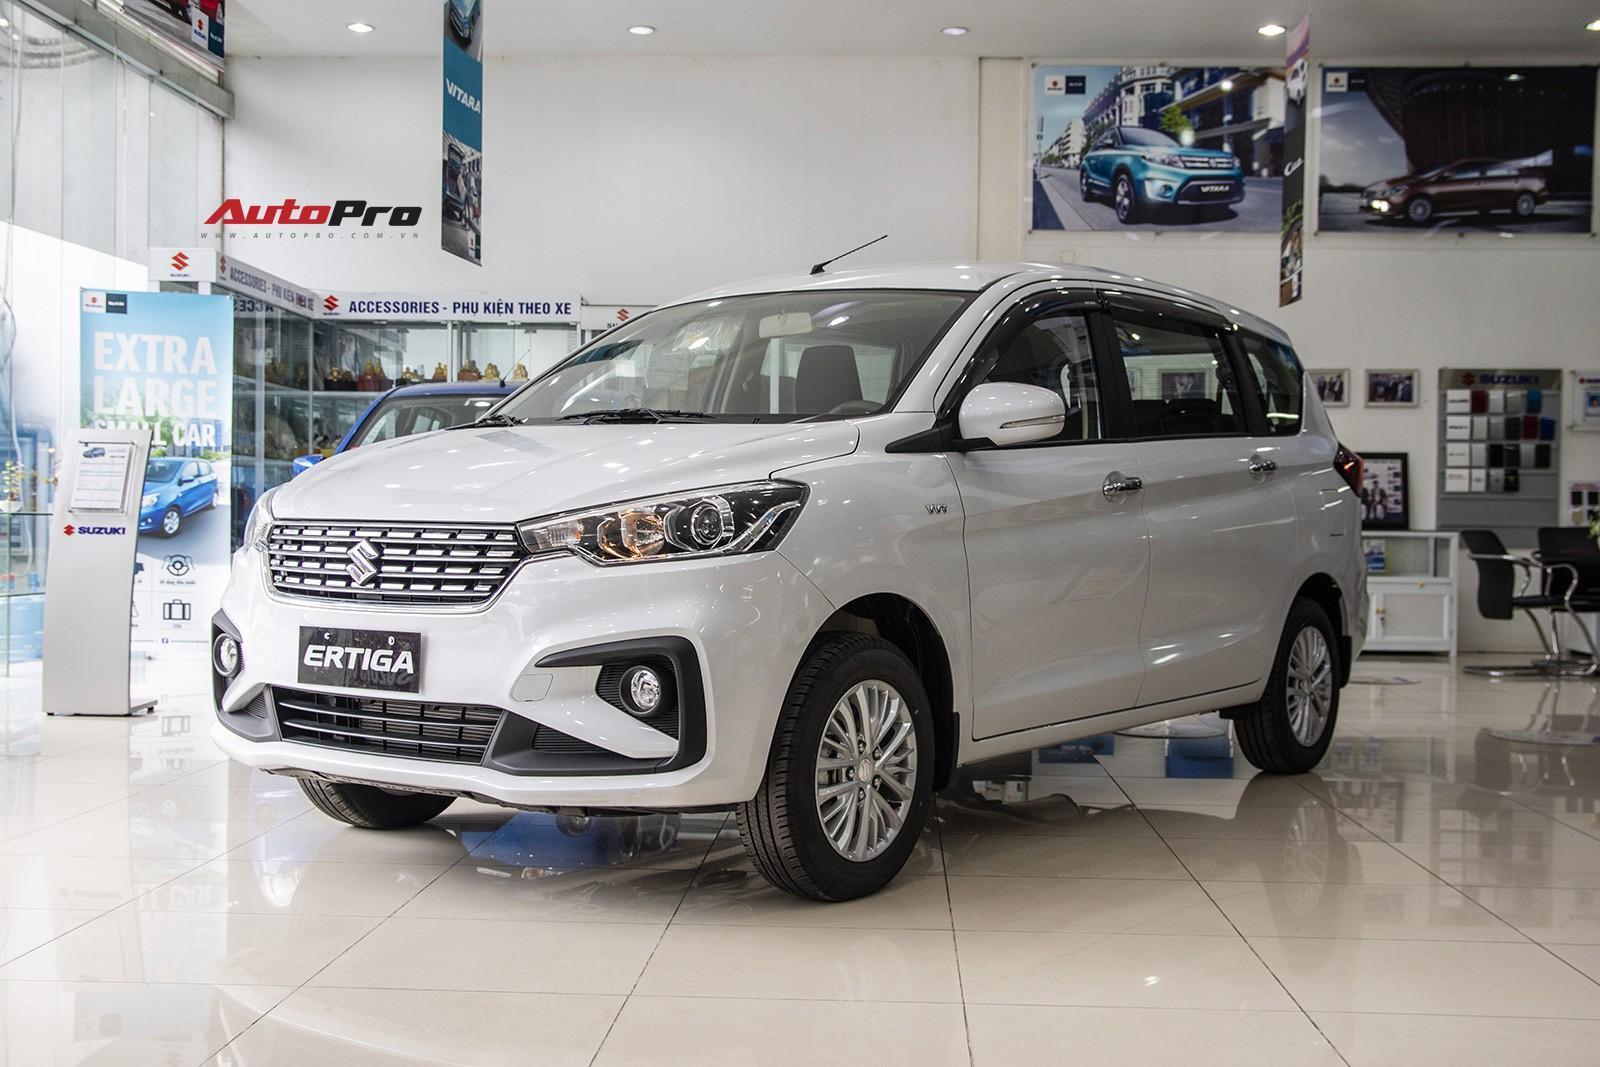 Rẻ hơn 71 triệu đồng, Suzuki Ertiga 2019 có gì để đấu lại